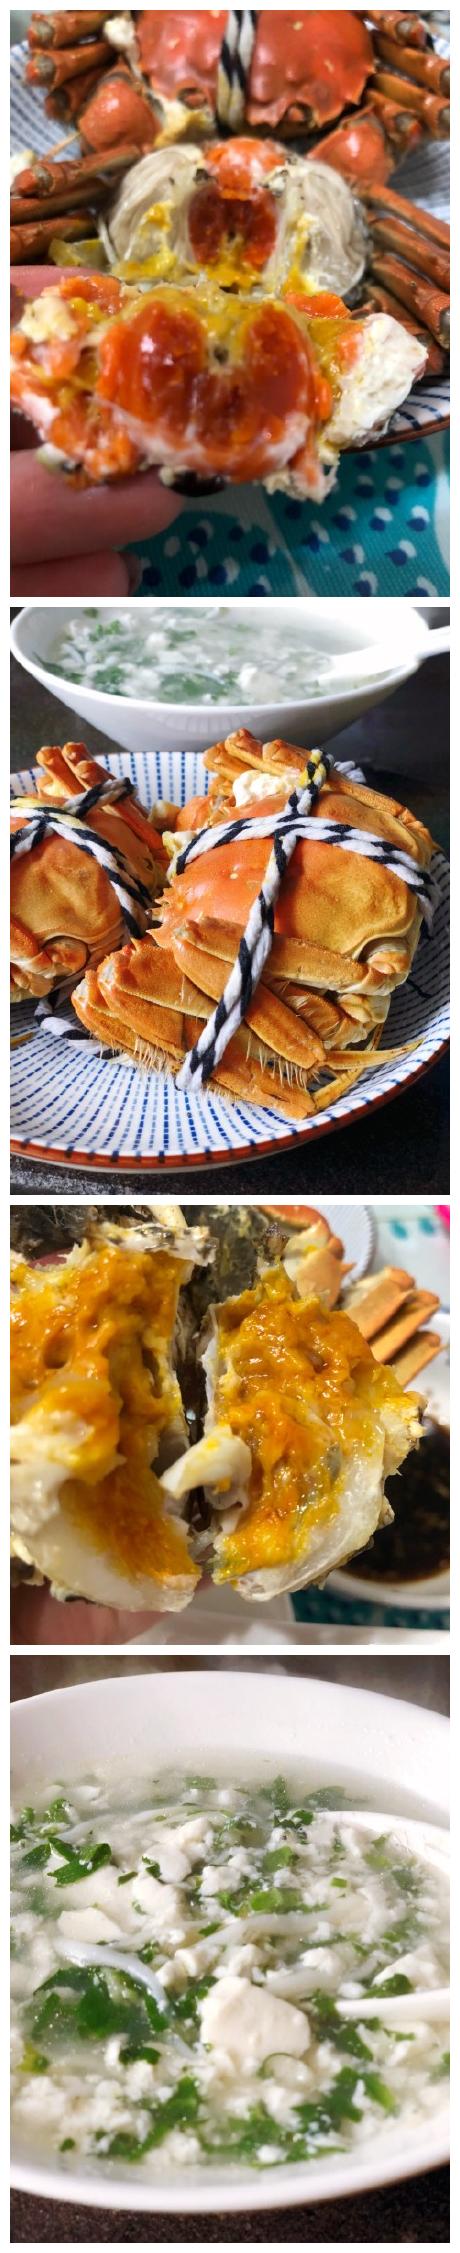 荠菜银鱼豆腐羹,阳澄湖大闸蟹,蟹黄漫溢。